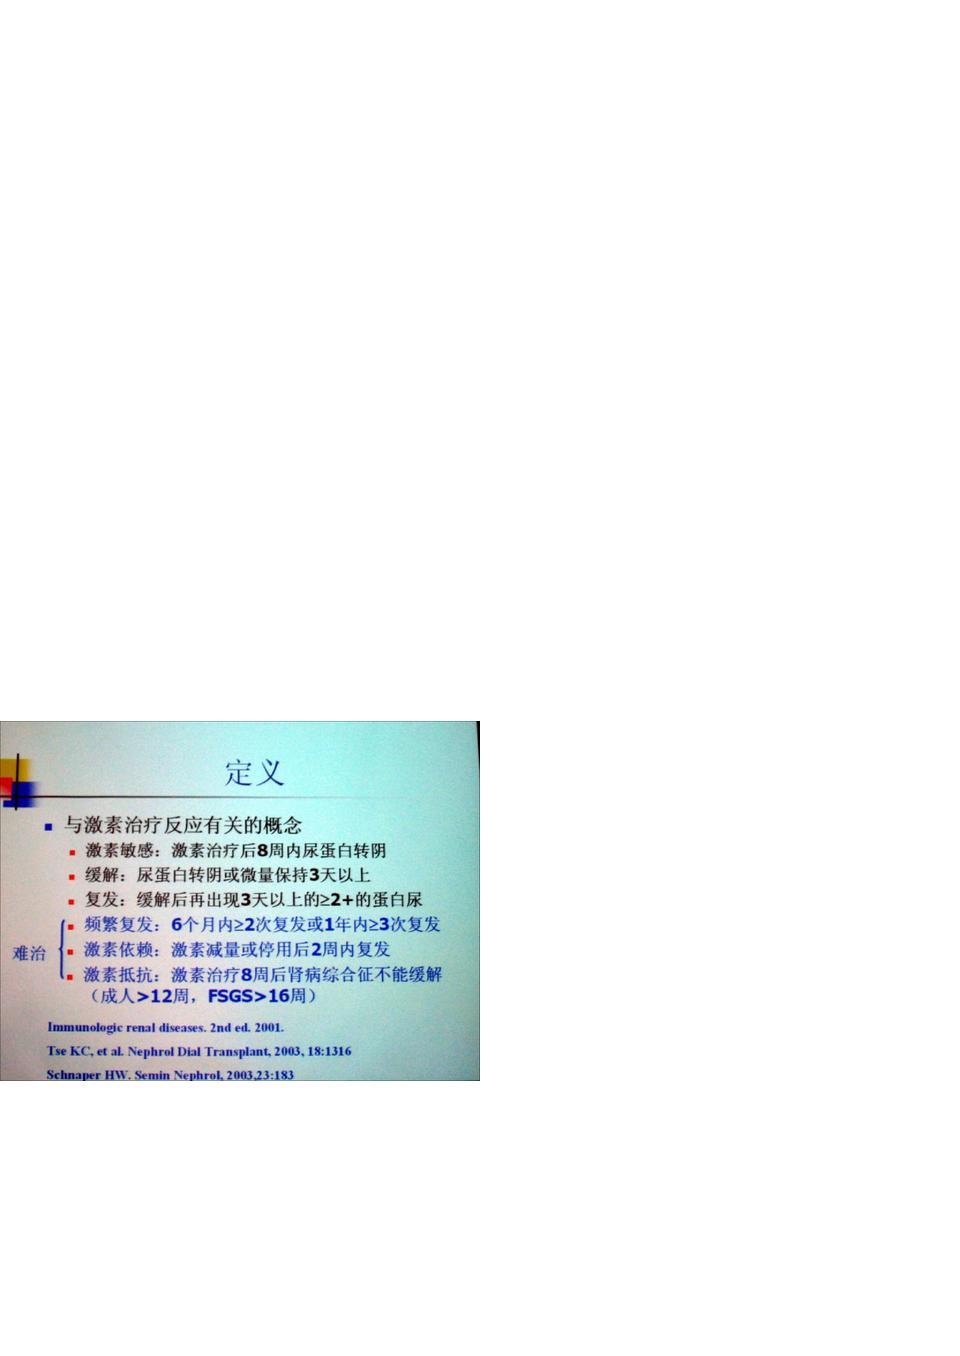 难治性原发性肾病综合征的治疗体会.ppt